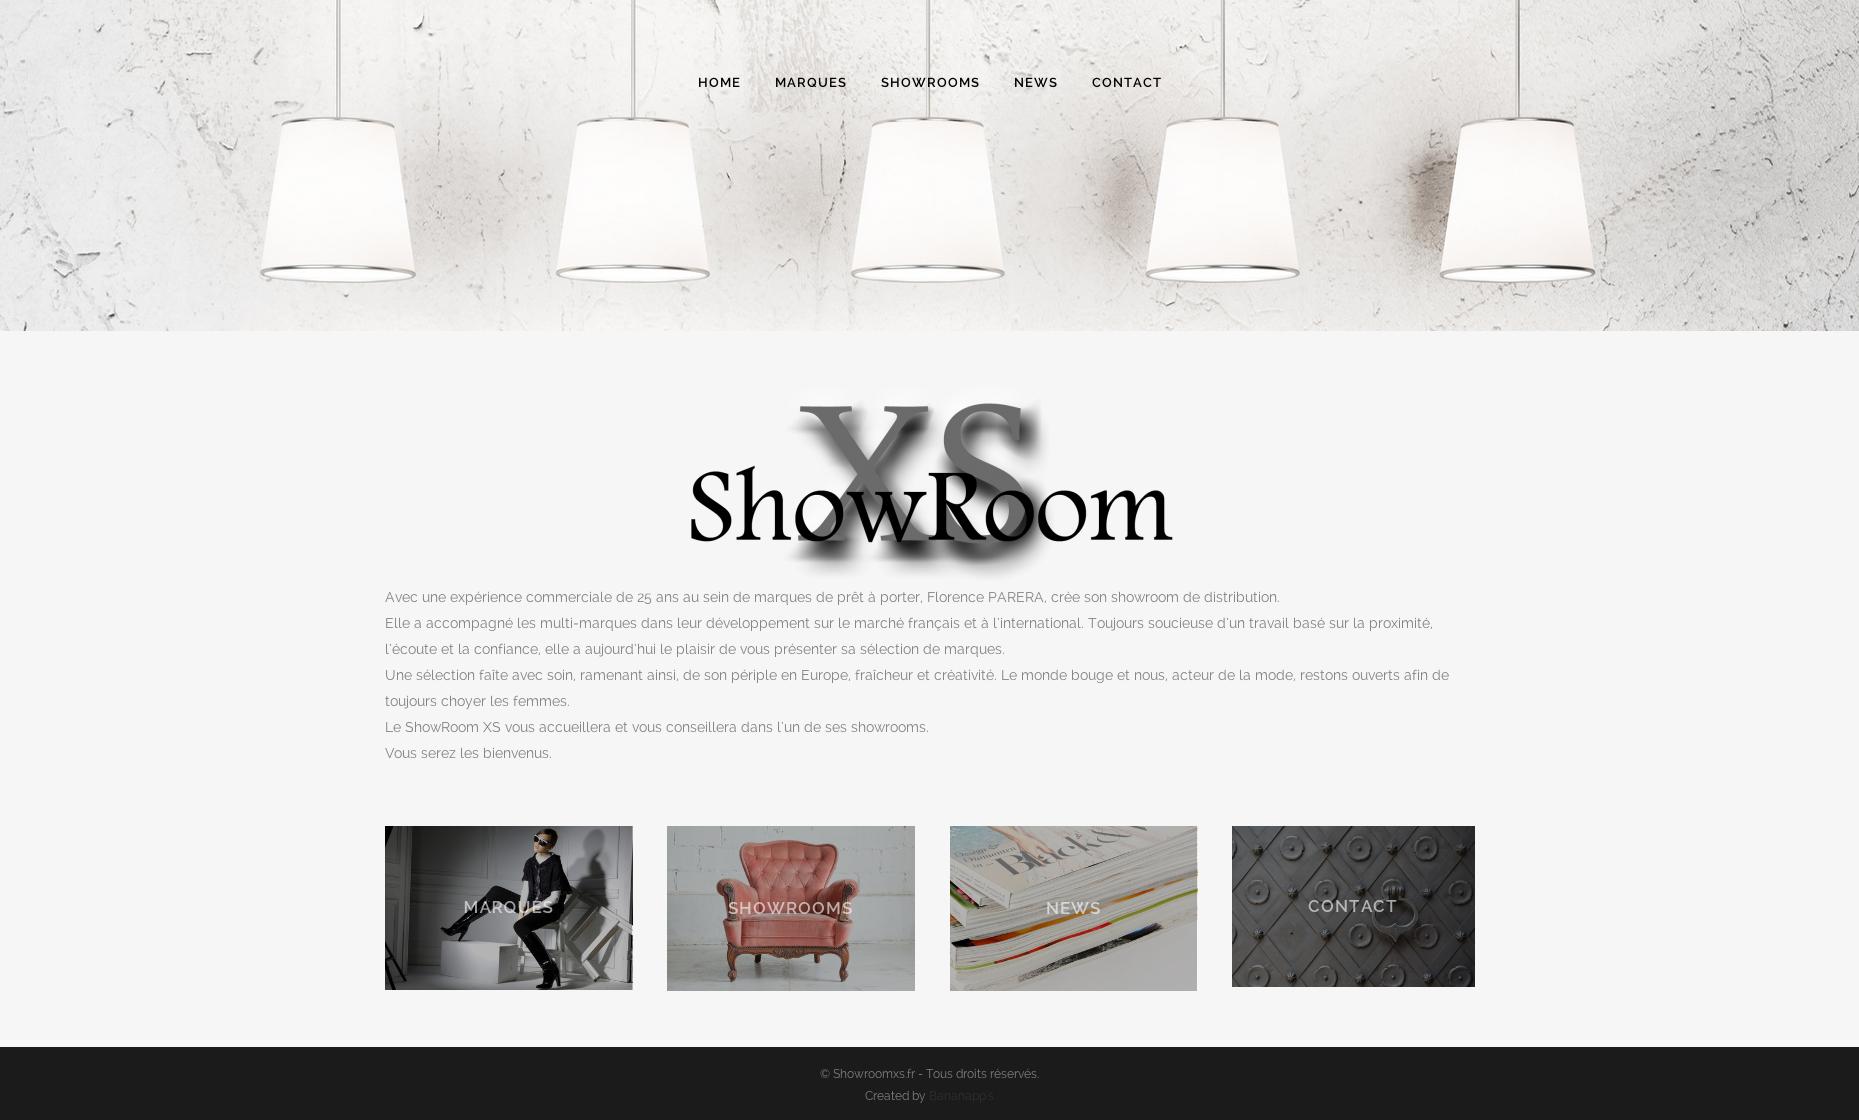 ShowroomXS